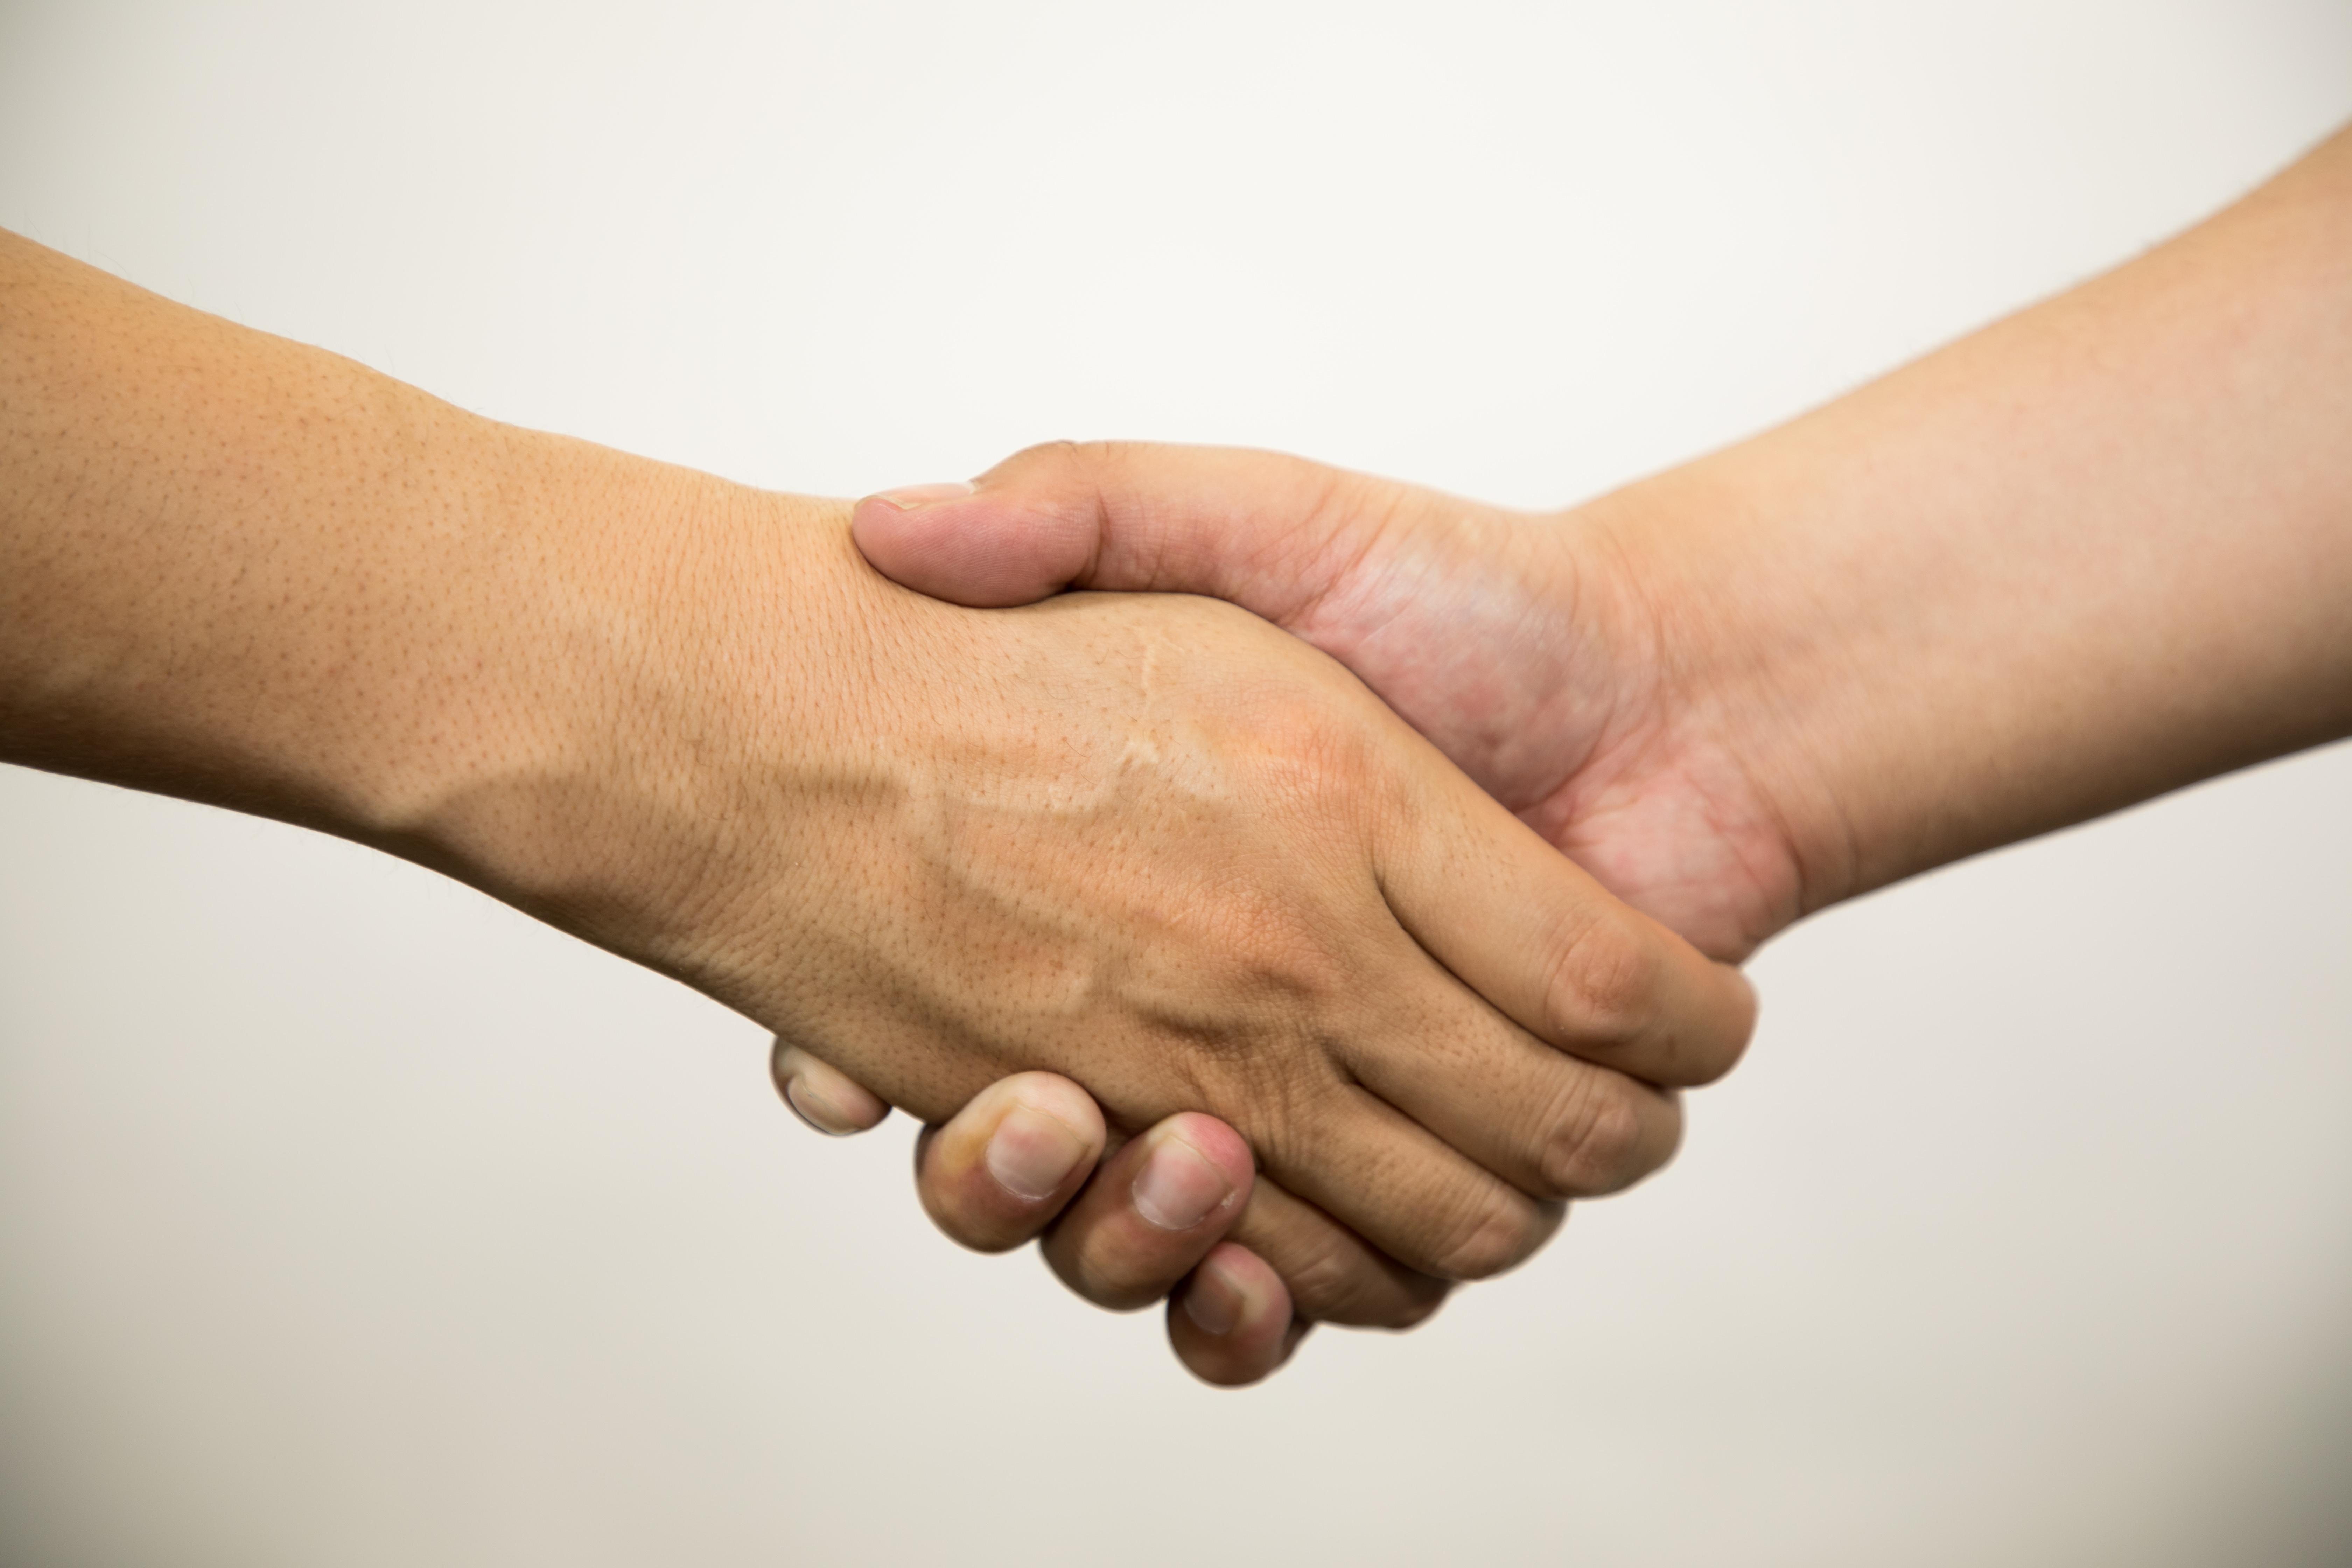 握手をする